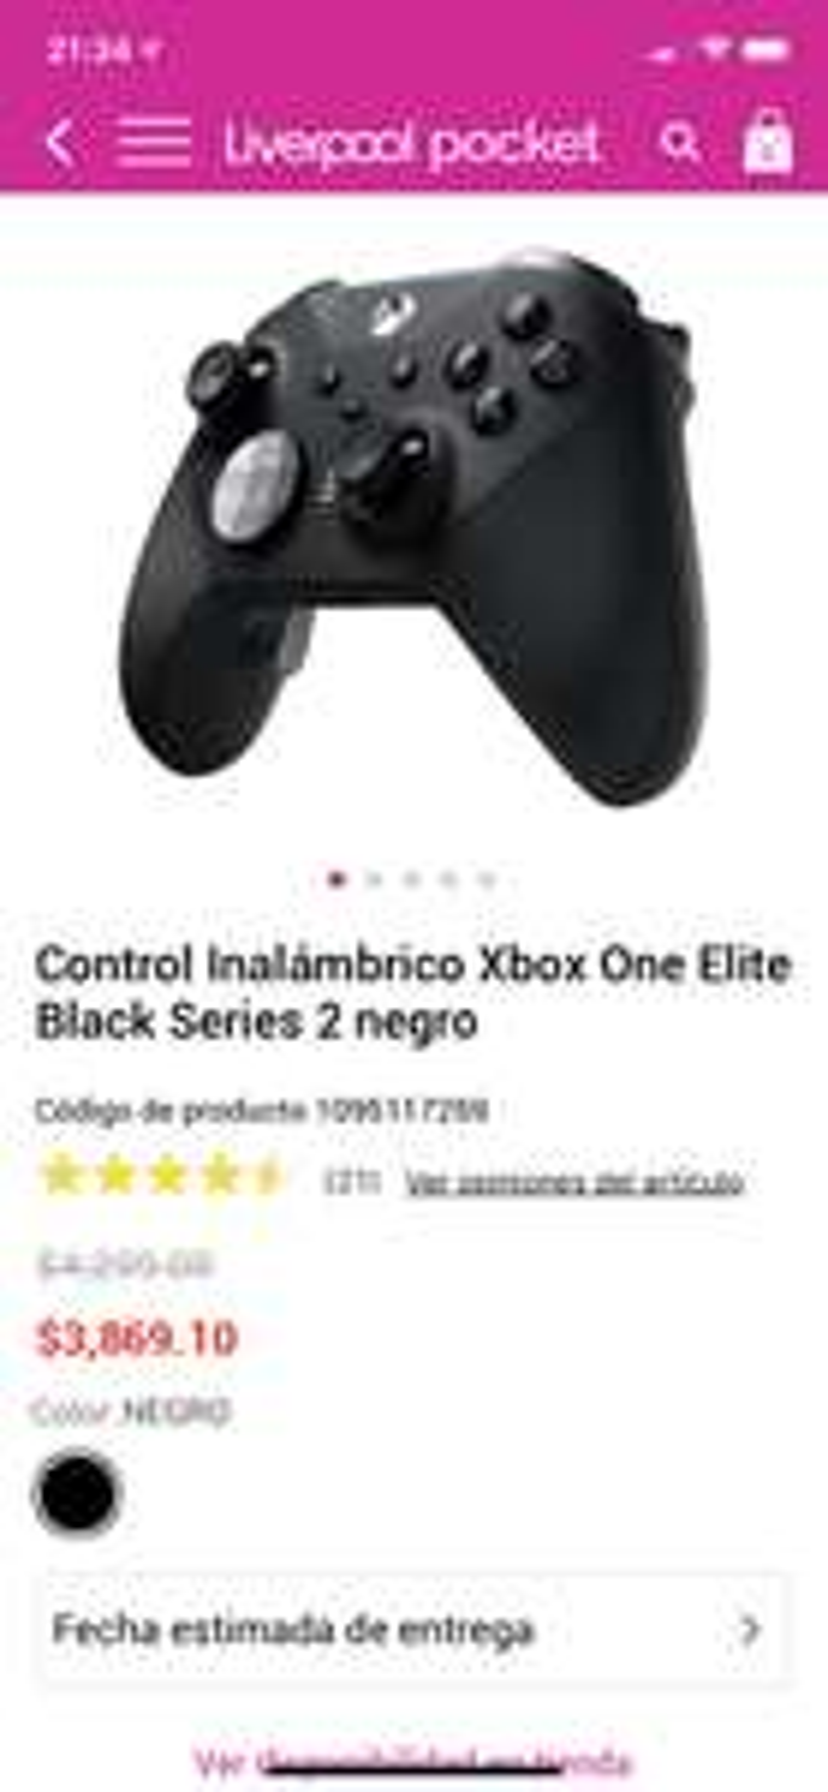 Liverpool: Control Xbox One Elite Series 2